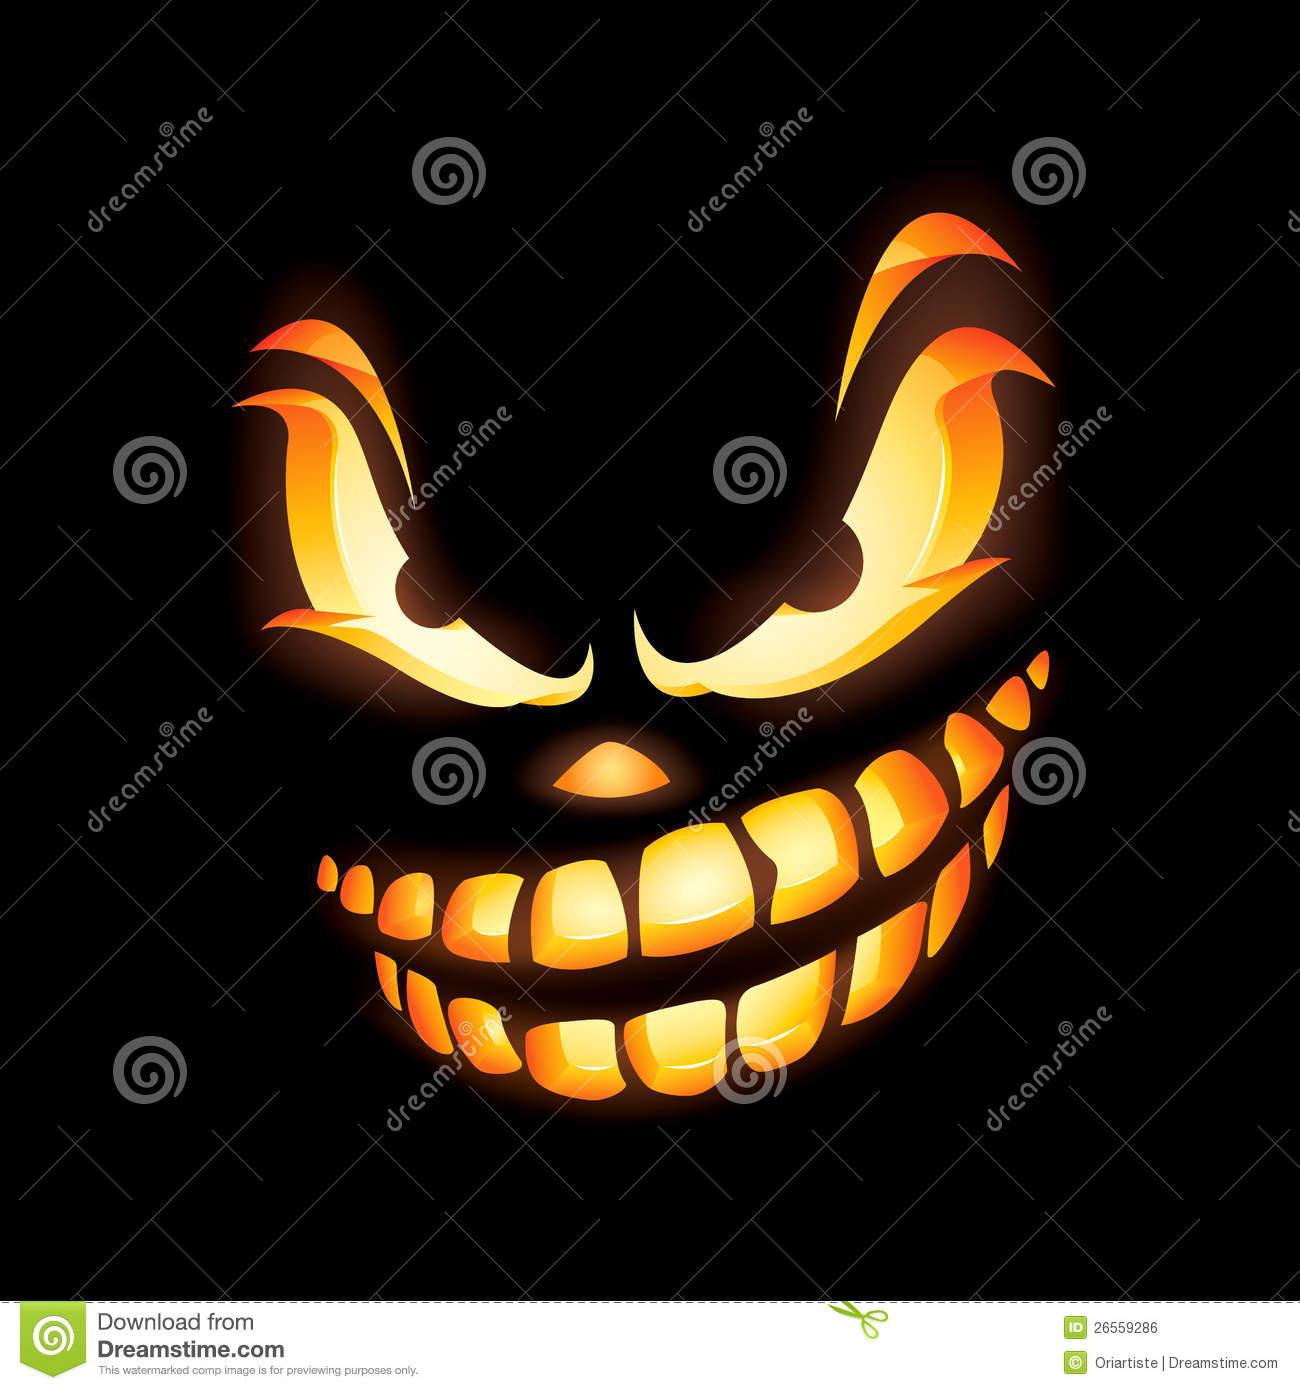 Scary Jack O Lantern Royalty Free Stock Image.